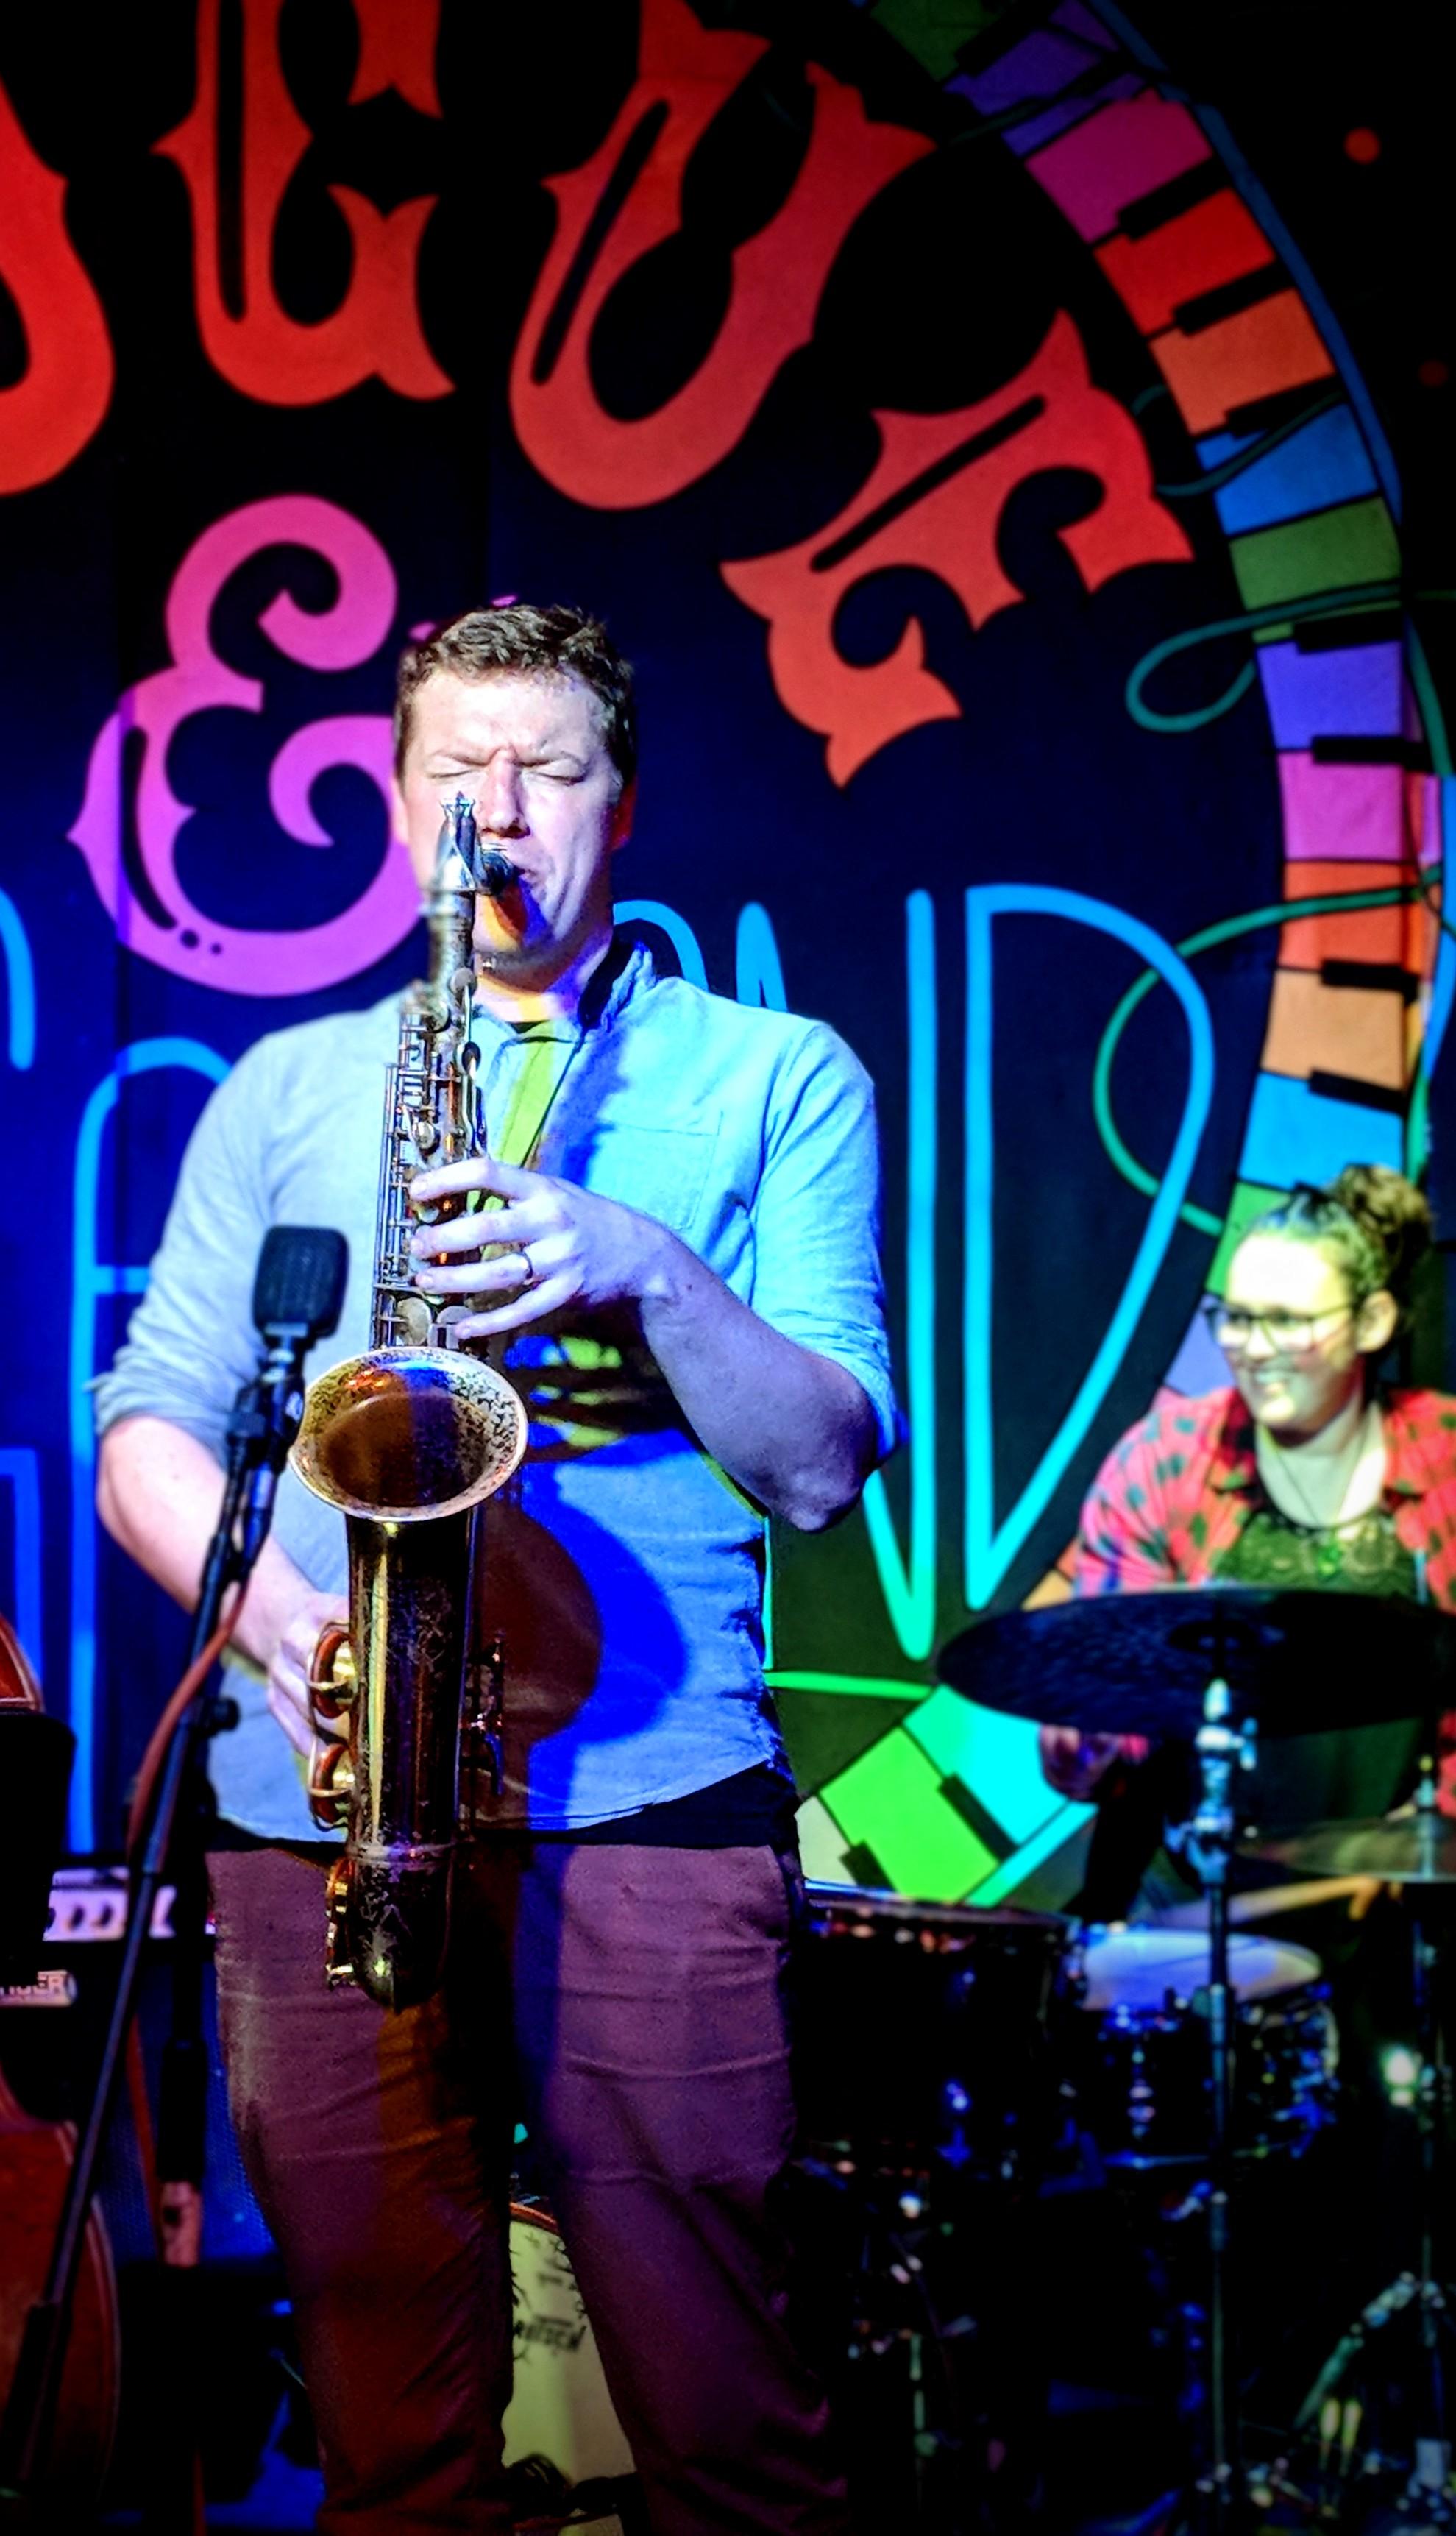 Jazz player at Rogue & Vagabond